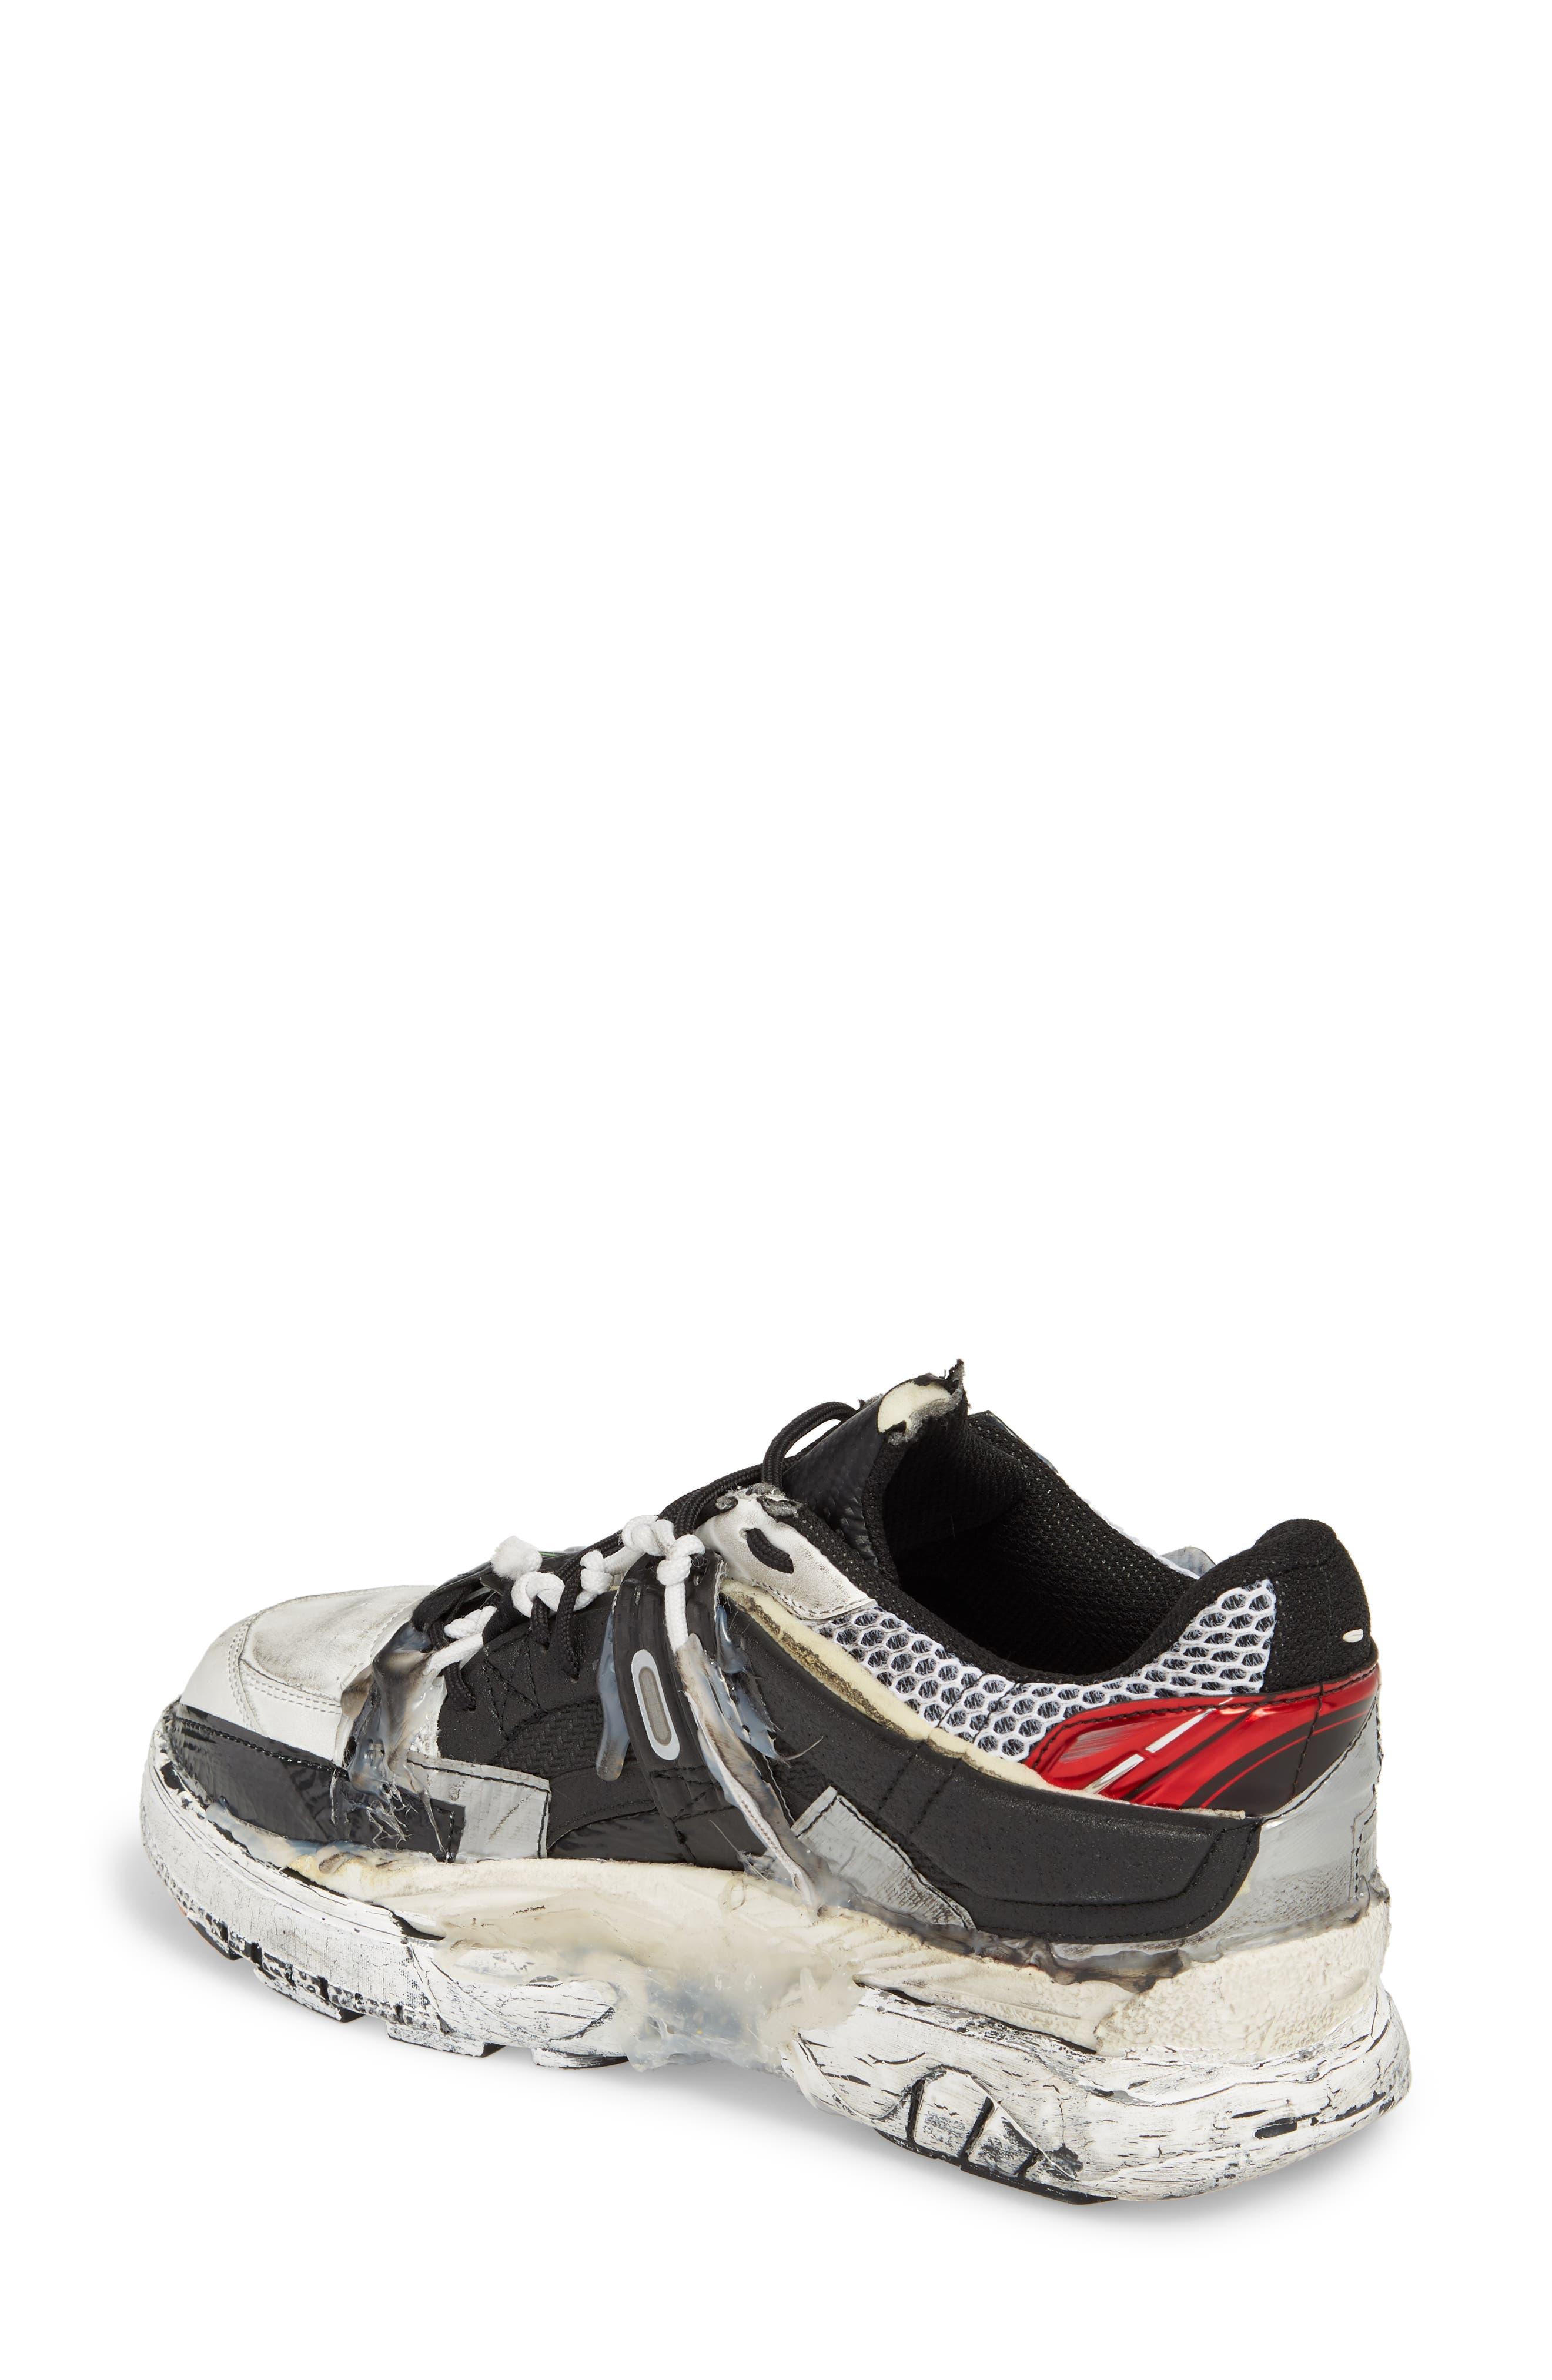 Maison Margiela Fusion Sneaker,                             Alternate thumbnail 2, color,                             UNIQUE VARIANT